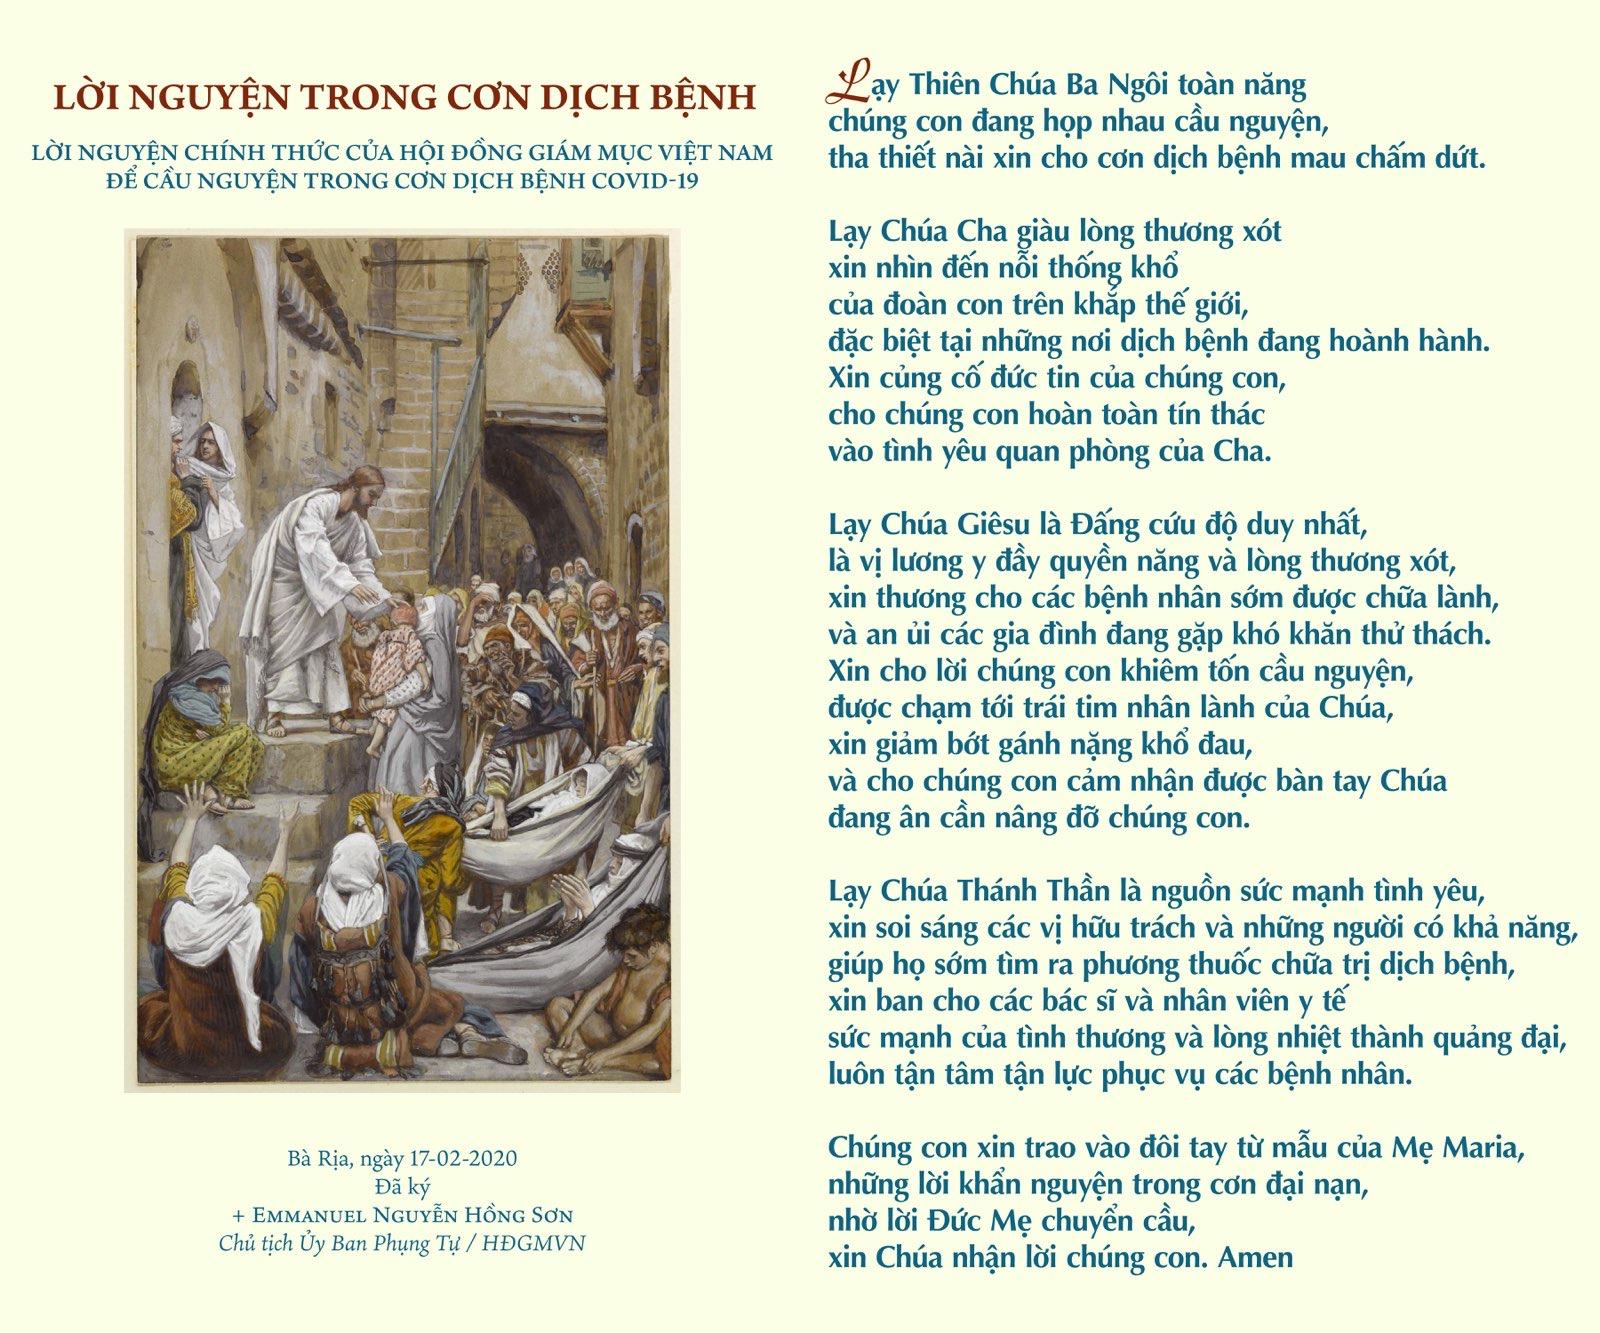 Lời nguyện chính thức của HĐGMVN để cầu nguyện trong cơn dịch bệnh Covid-19